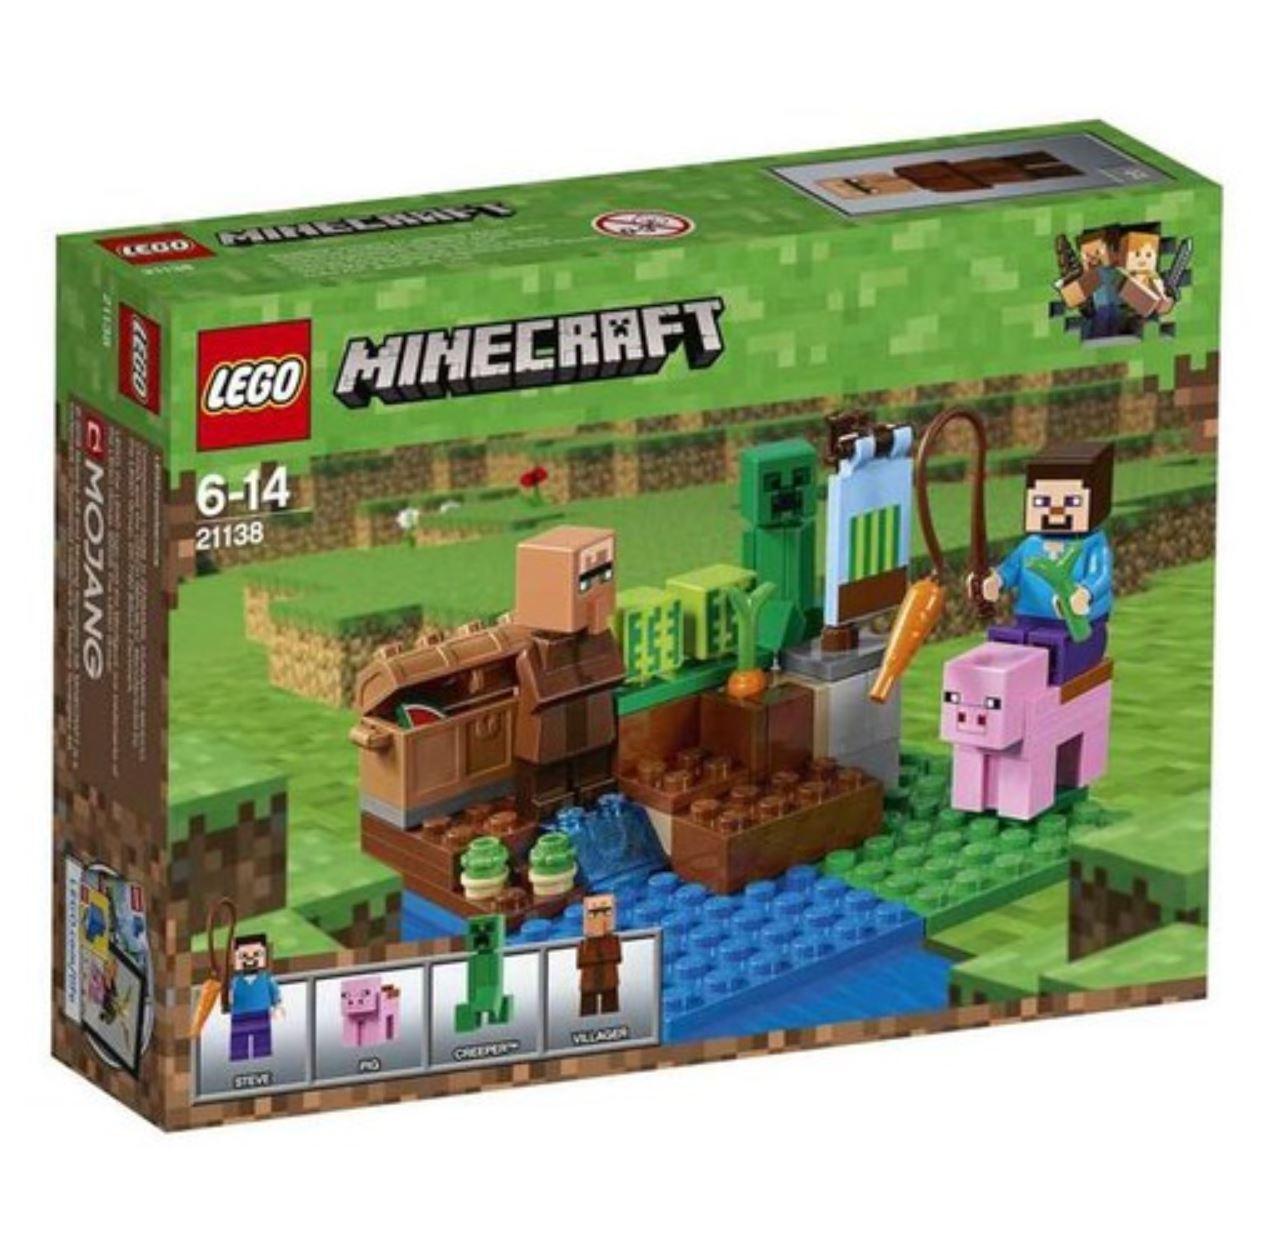 [LEGO] Minecraft™ The Melon Farm 21138 2018 Version Free Shipping Shipping Shipping f4e02e